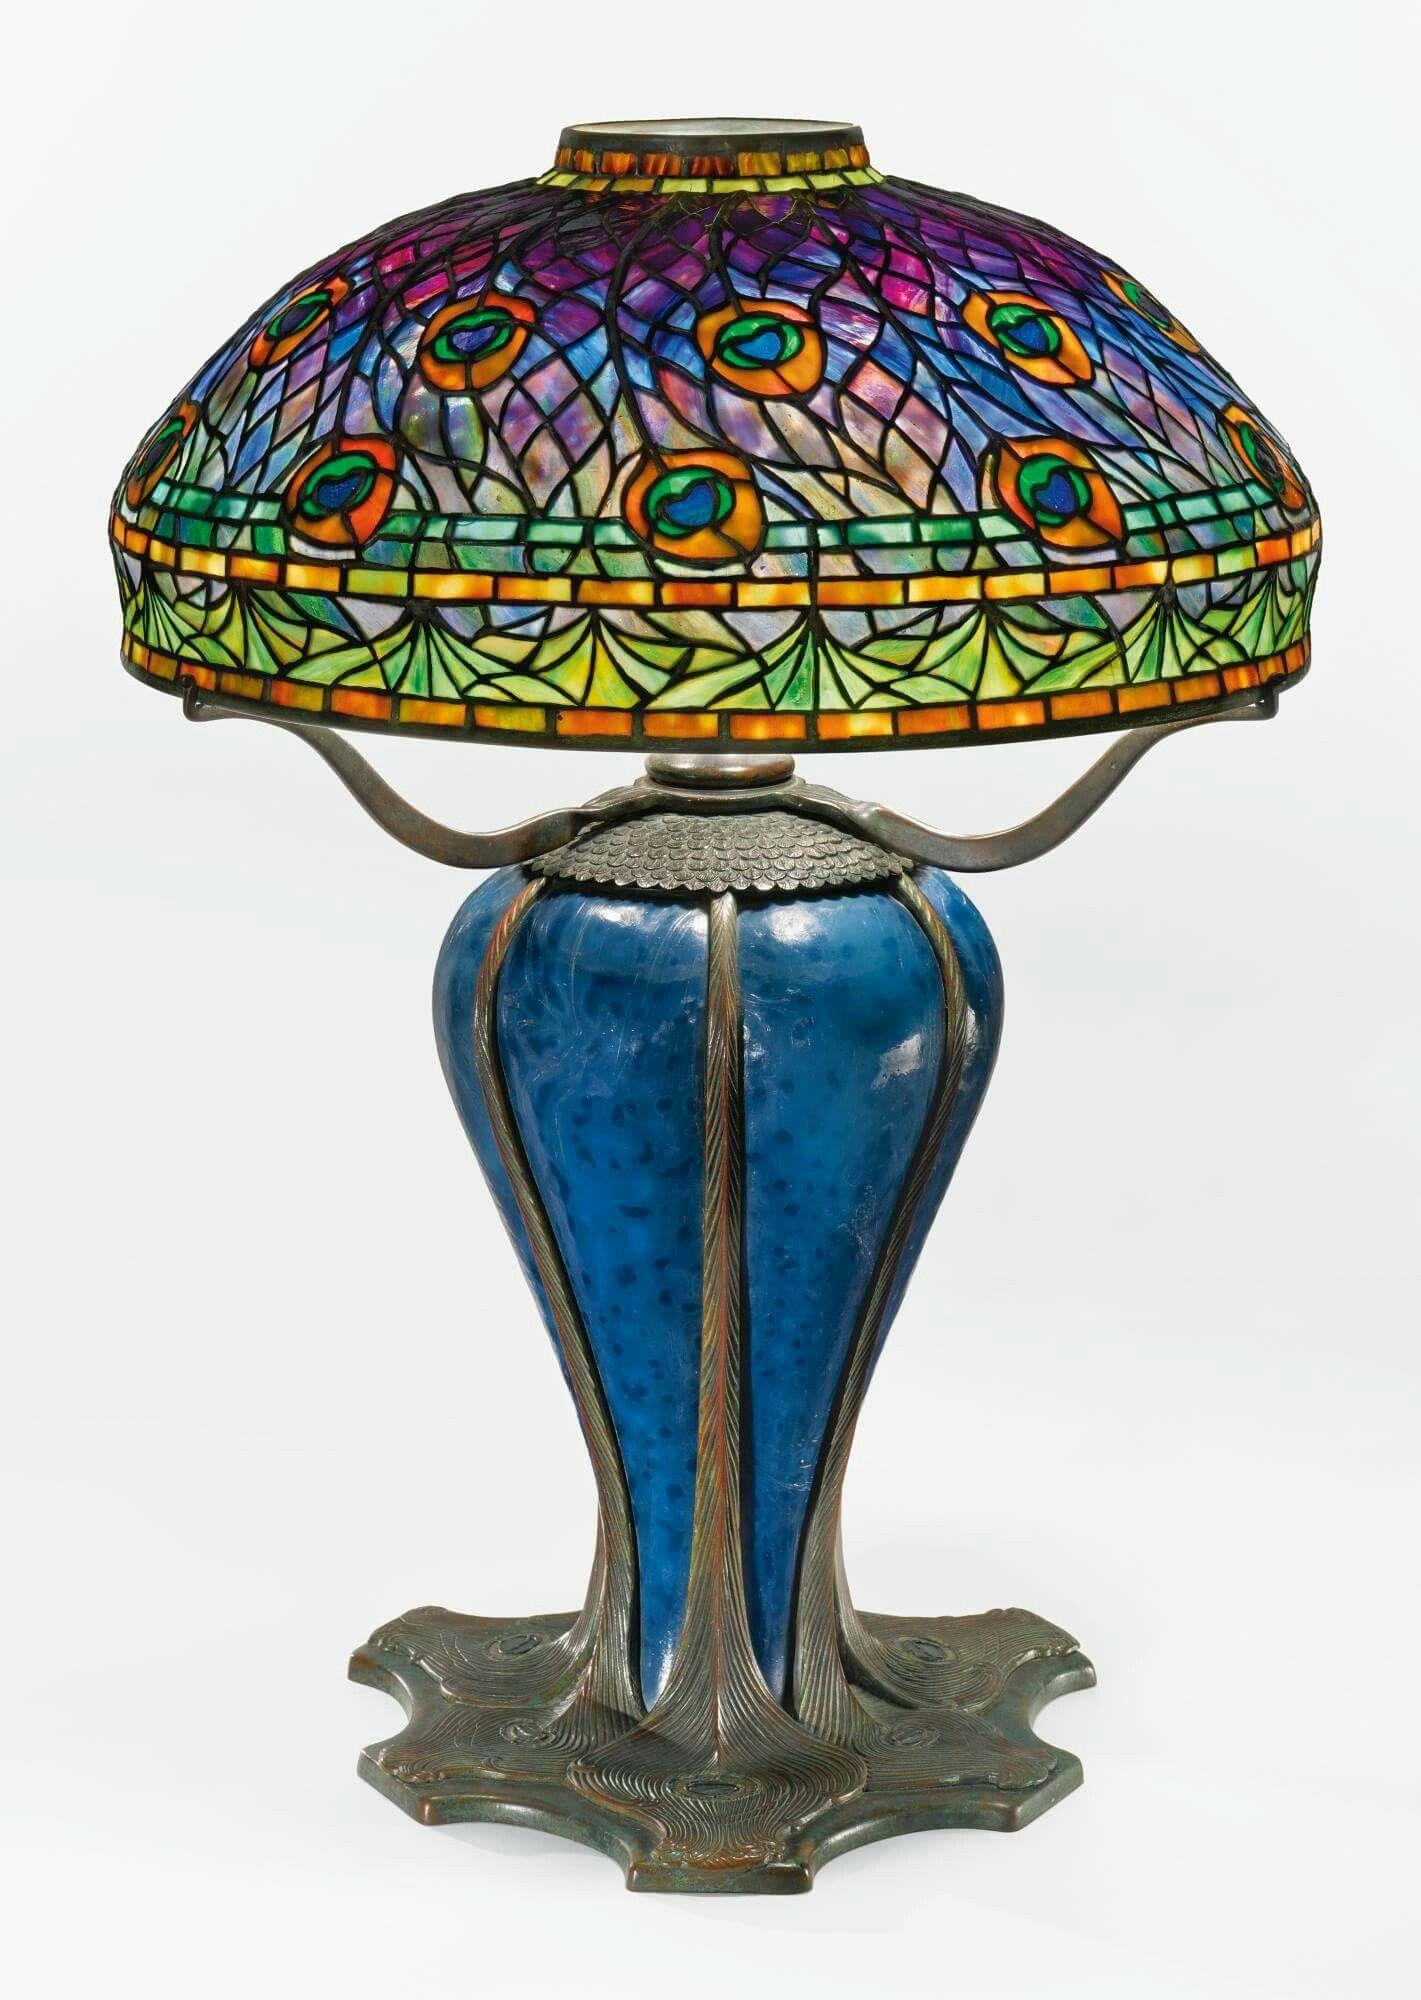 Tiffany Peacock Table Lamp 1905 Tiffany Style Oh How I Love